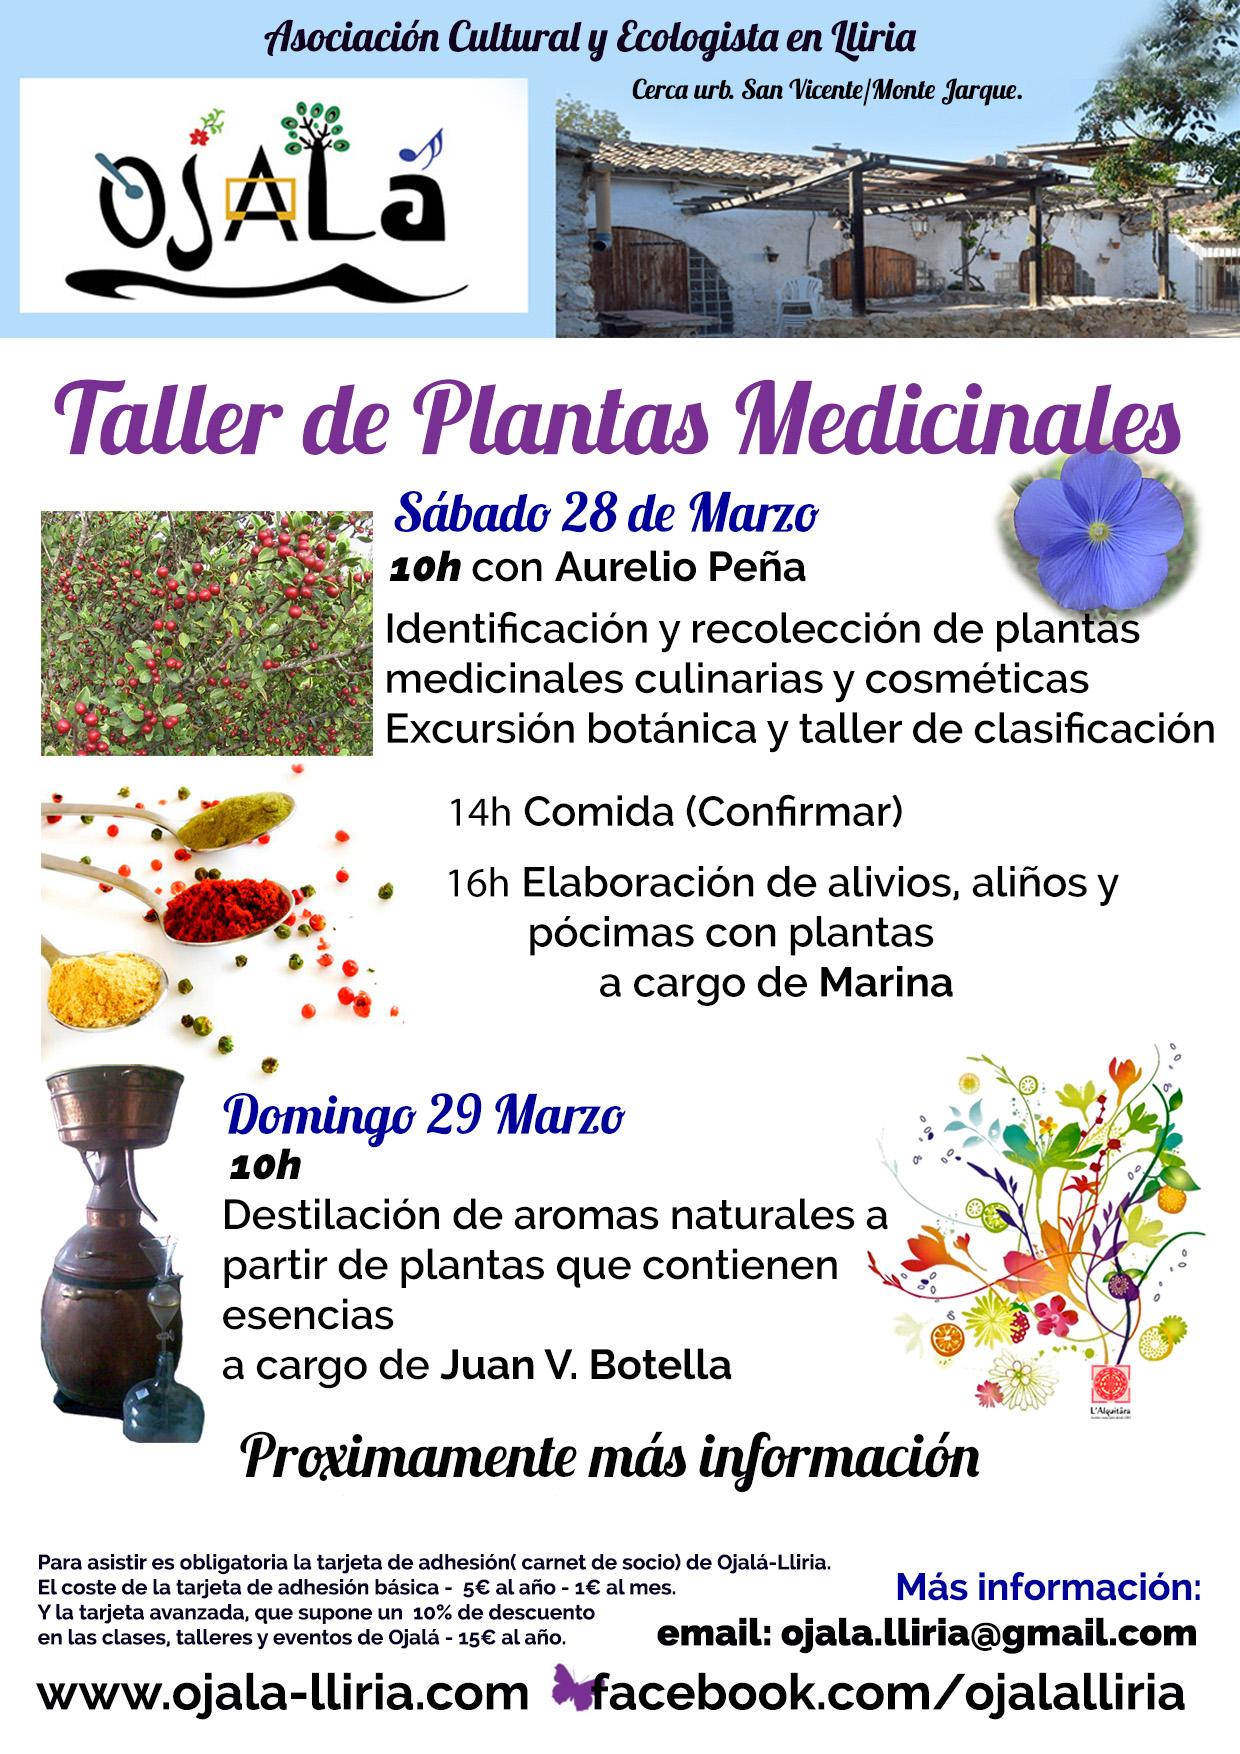 Taller de Plantas Medicinales en Ojalá – Asociación Cultural y Ecologista en Lliria -Valencia